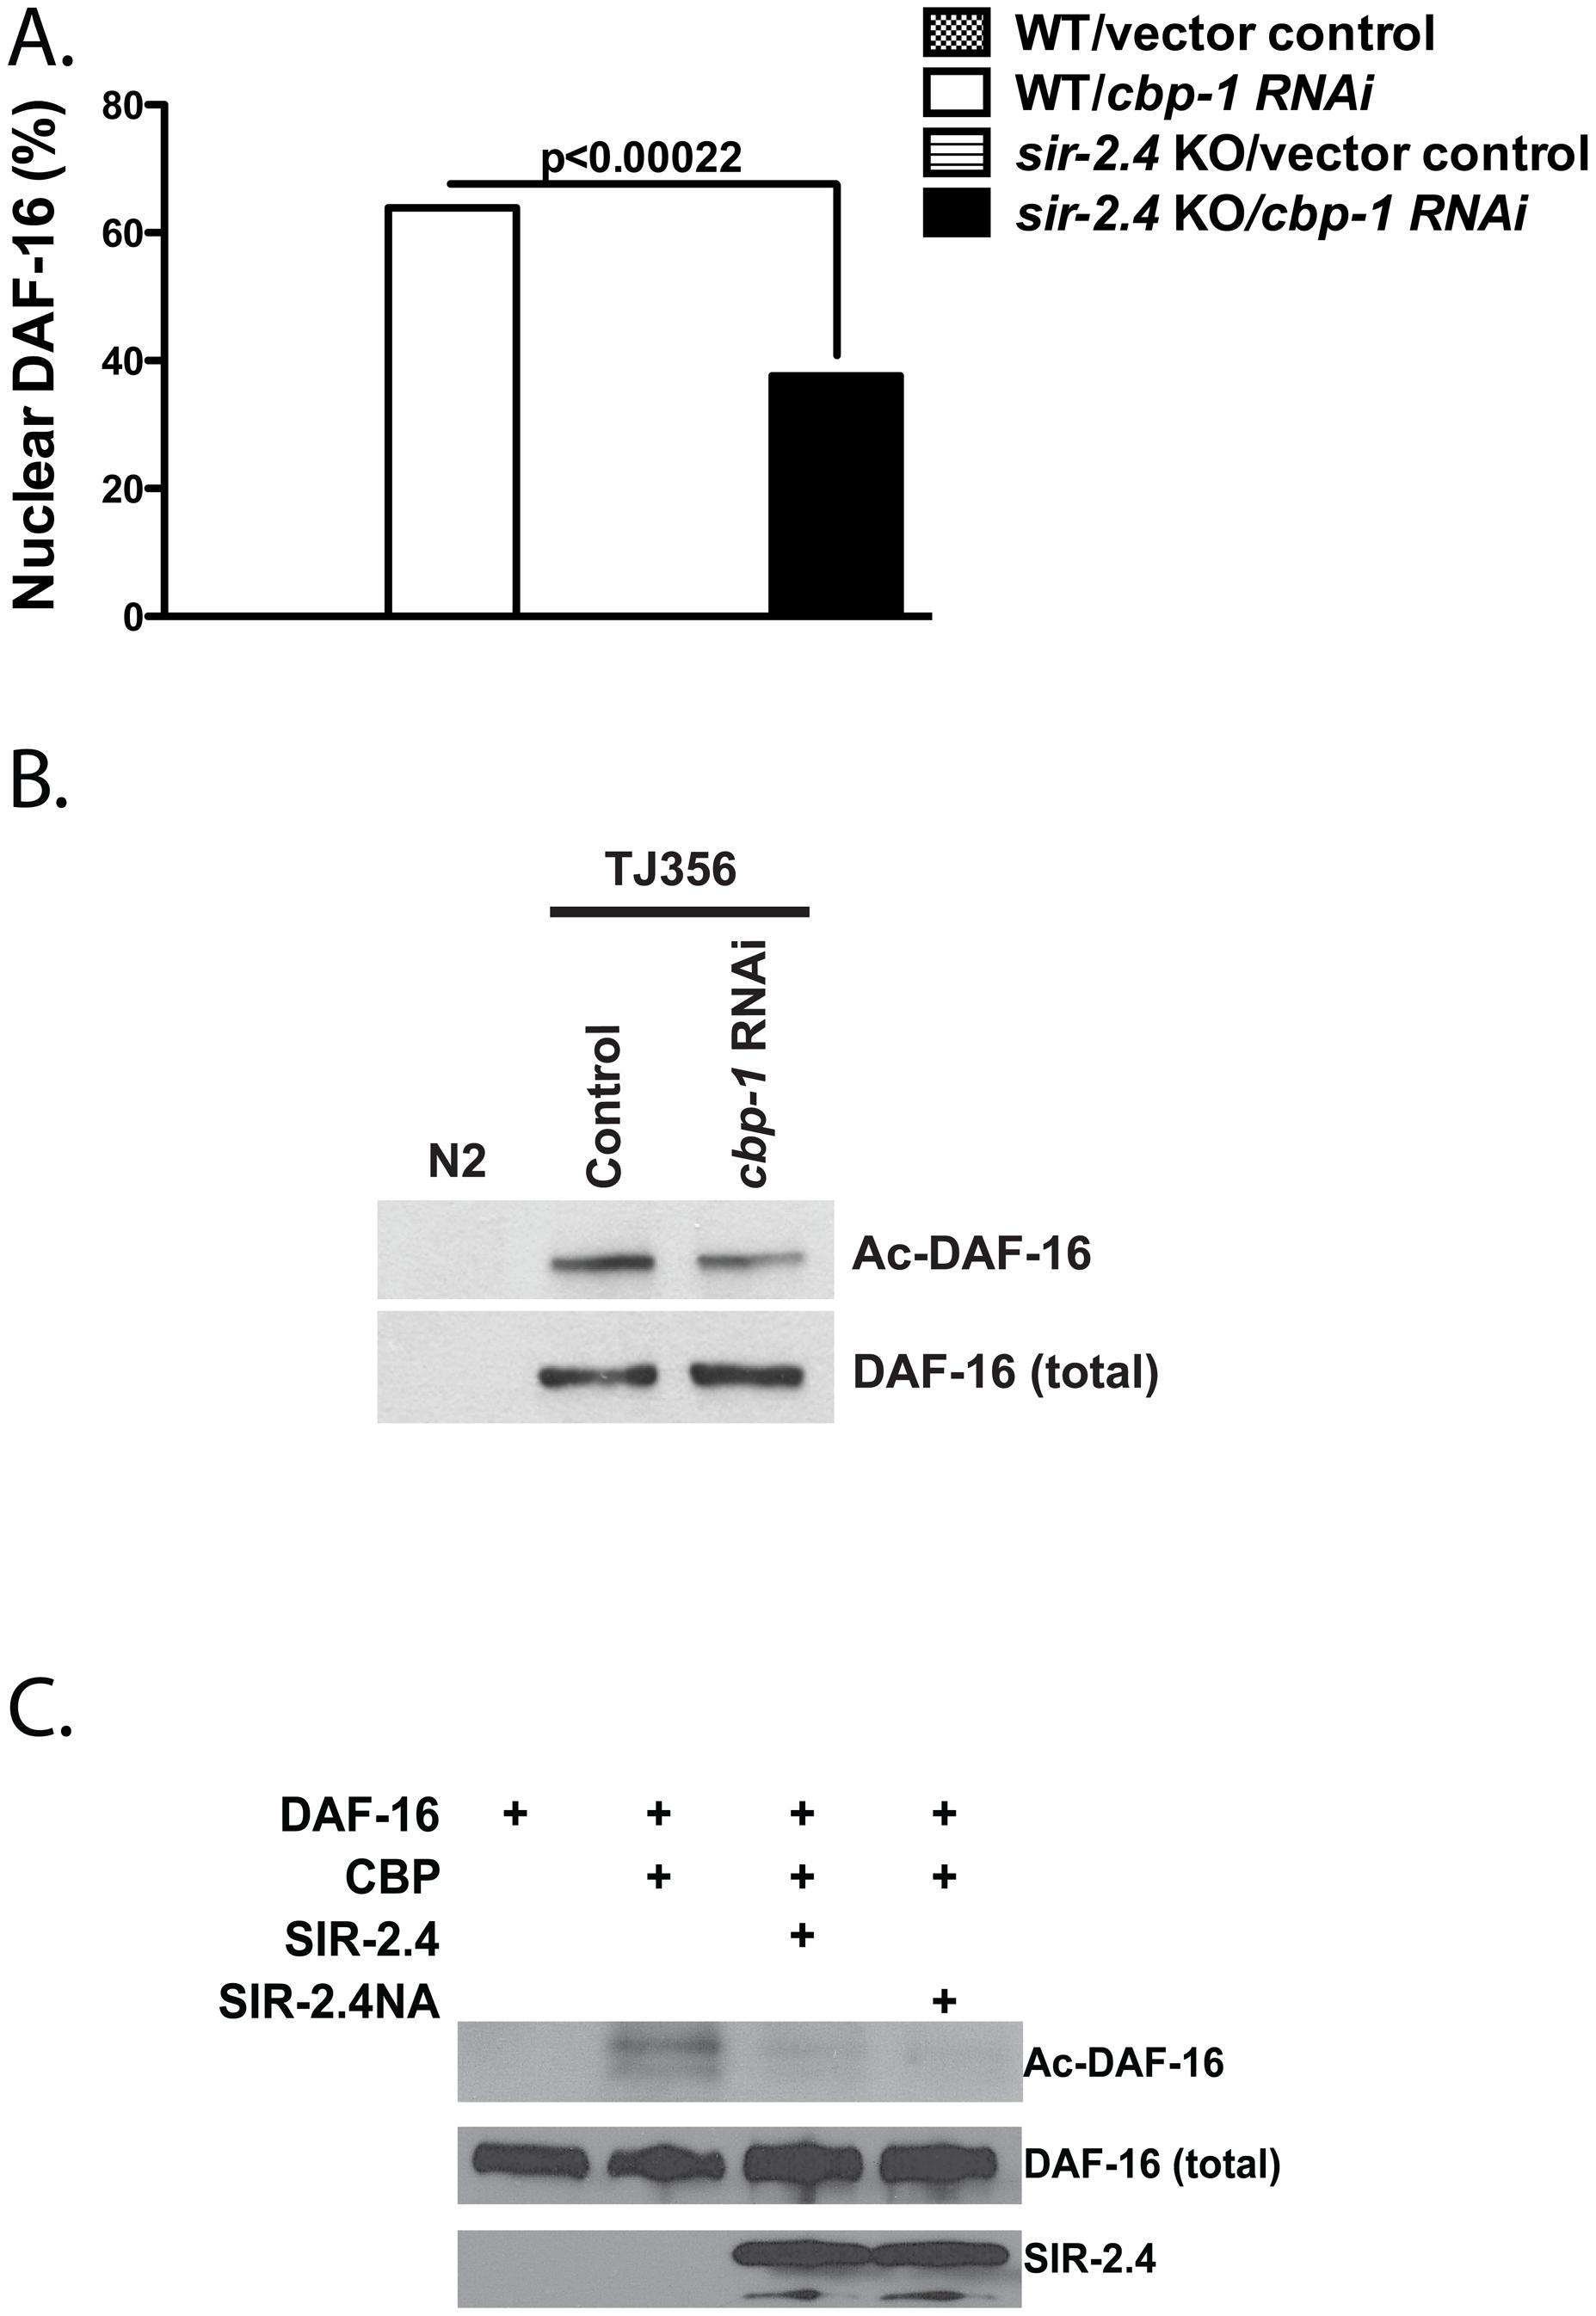 SIR-2.4 inhibits CBP1-mediated DAF-16 acetylation.